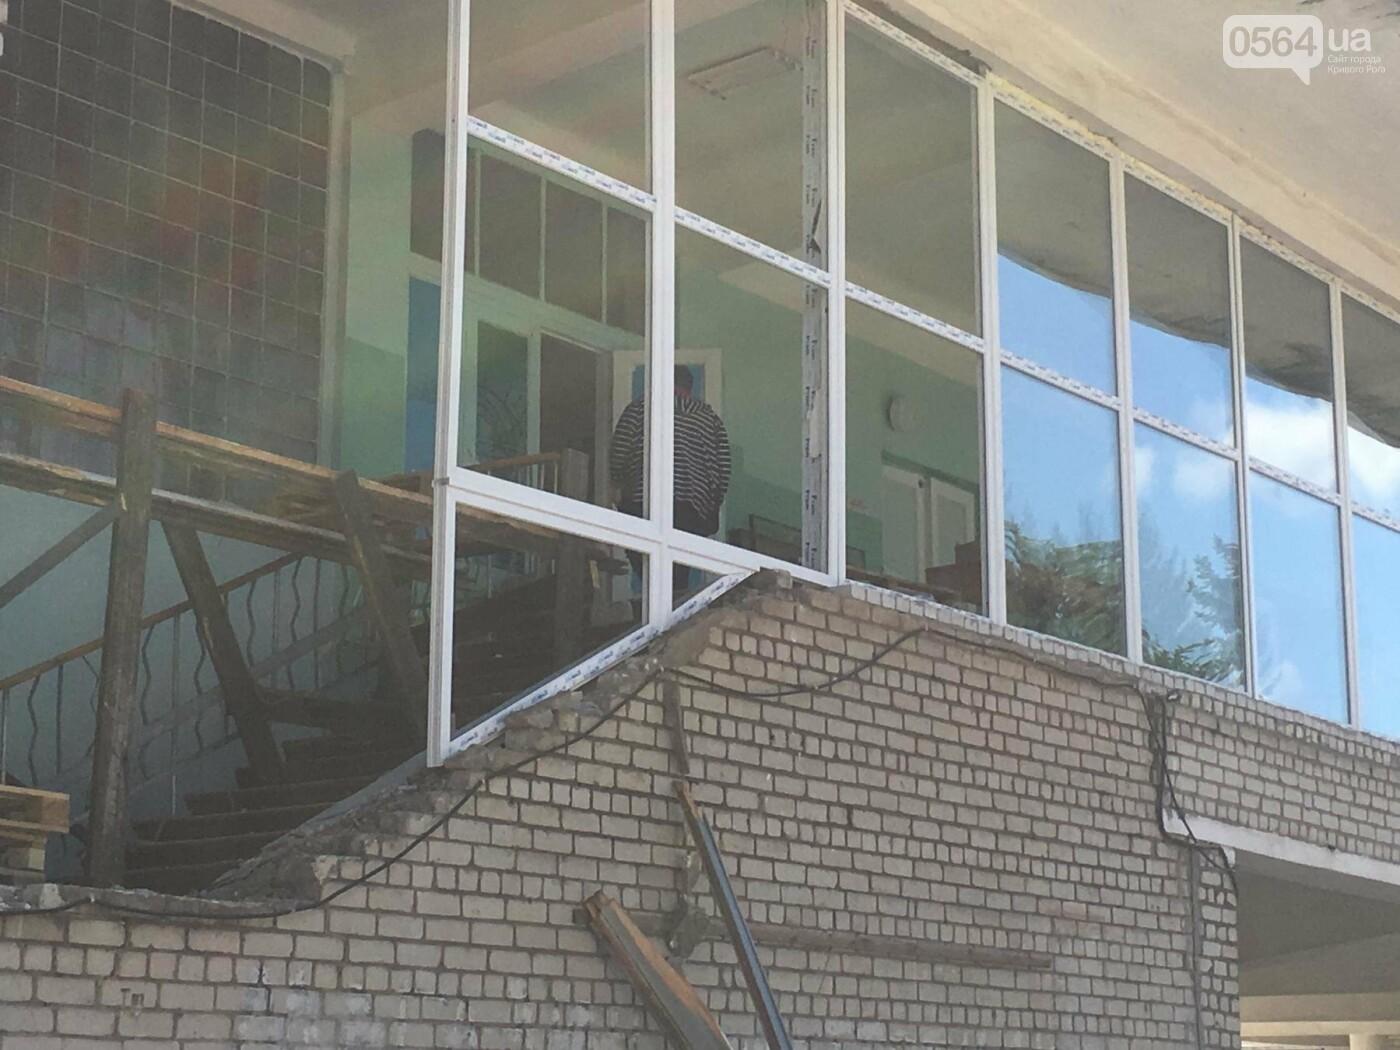 В Кривом Роге перед Дворцом культуры убрали остатки памятника Ленину (ФОТО), фото-2